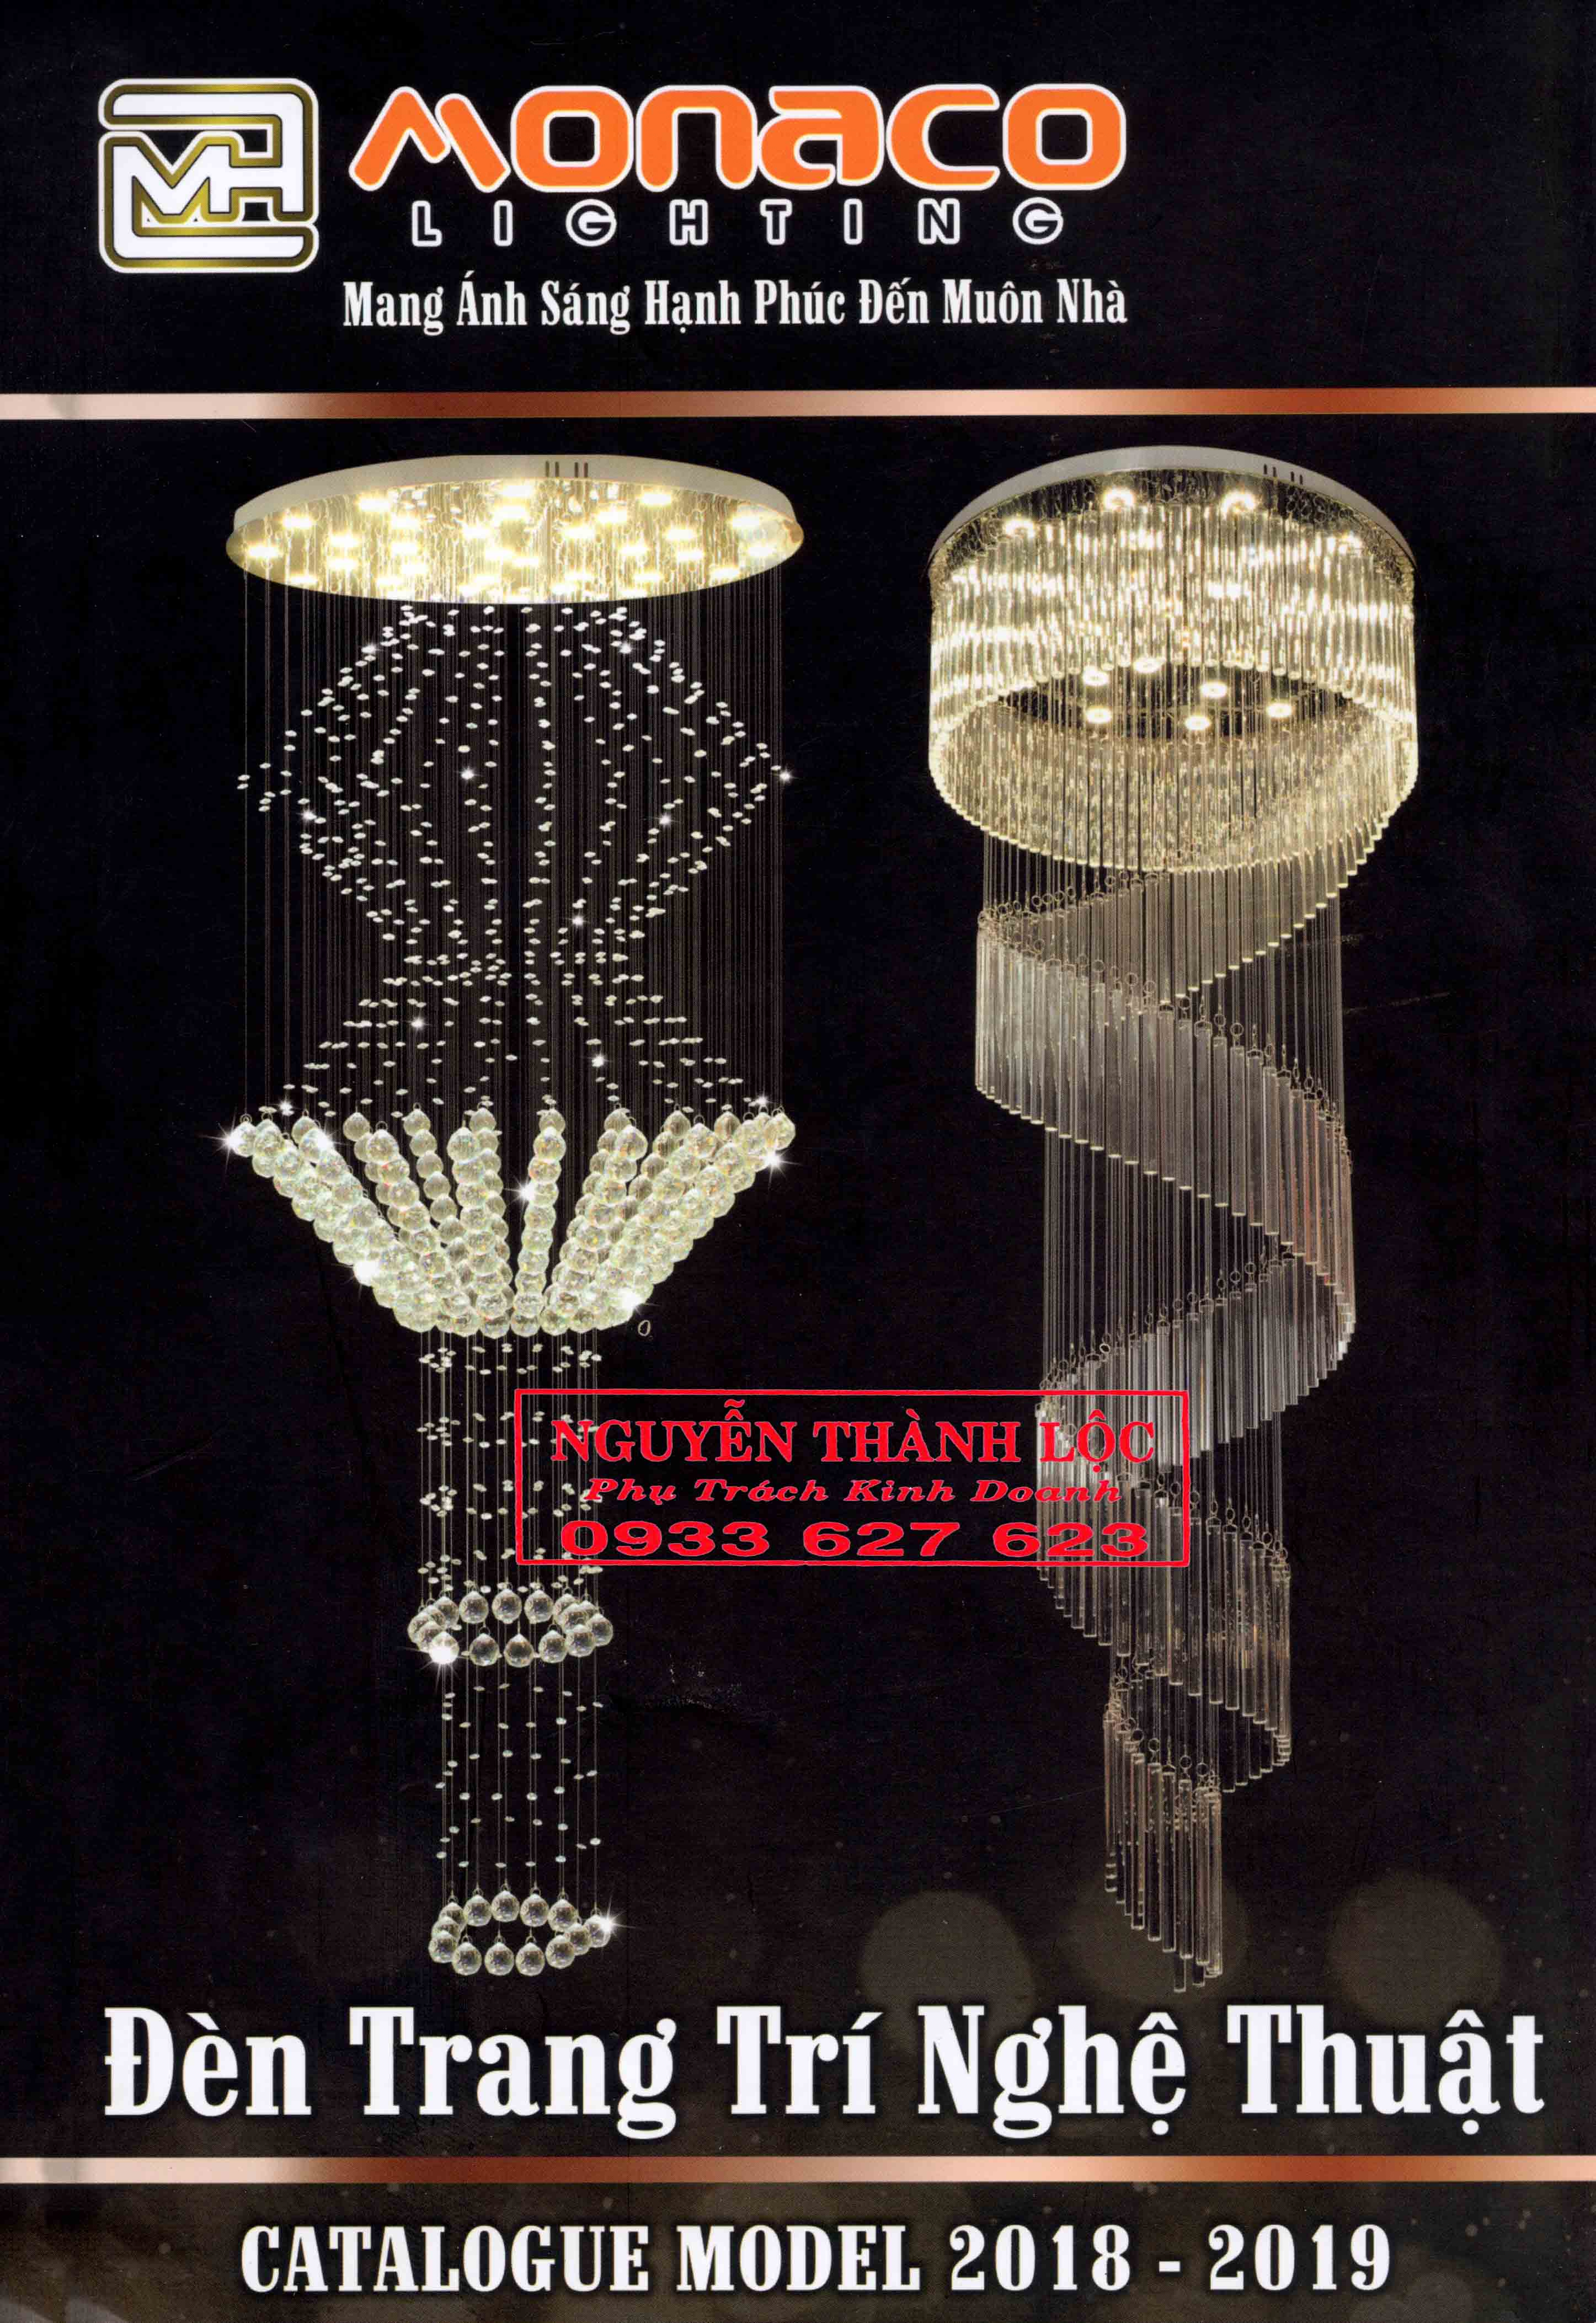 Tìm đối tác phân phối Monaco Lighting